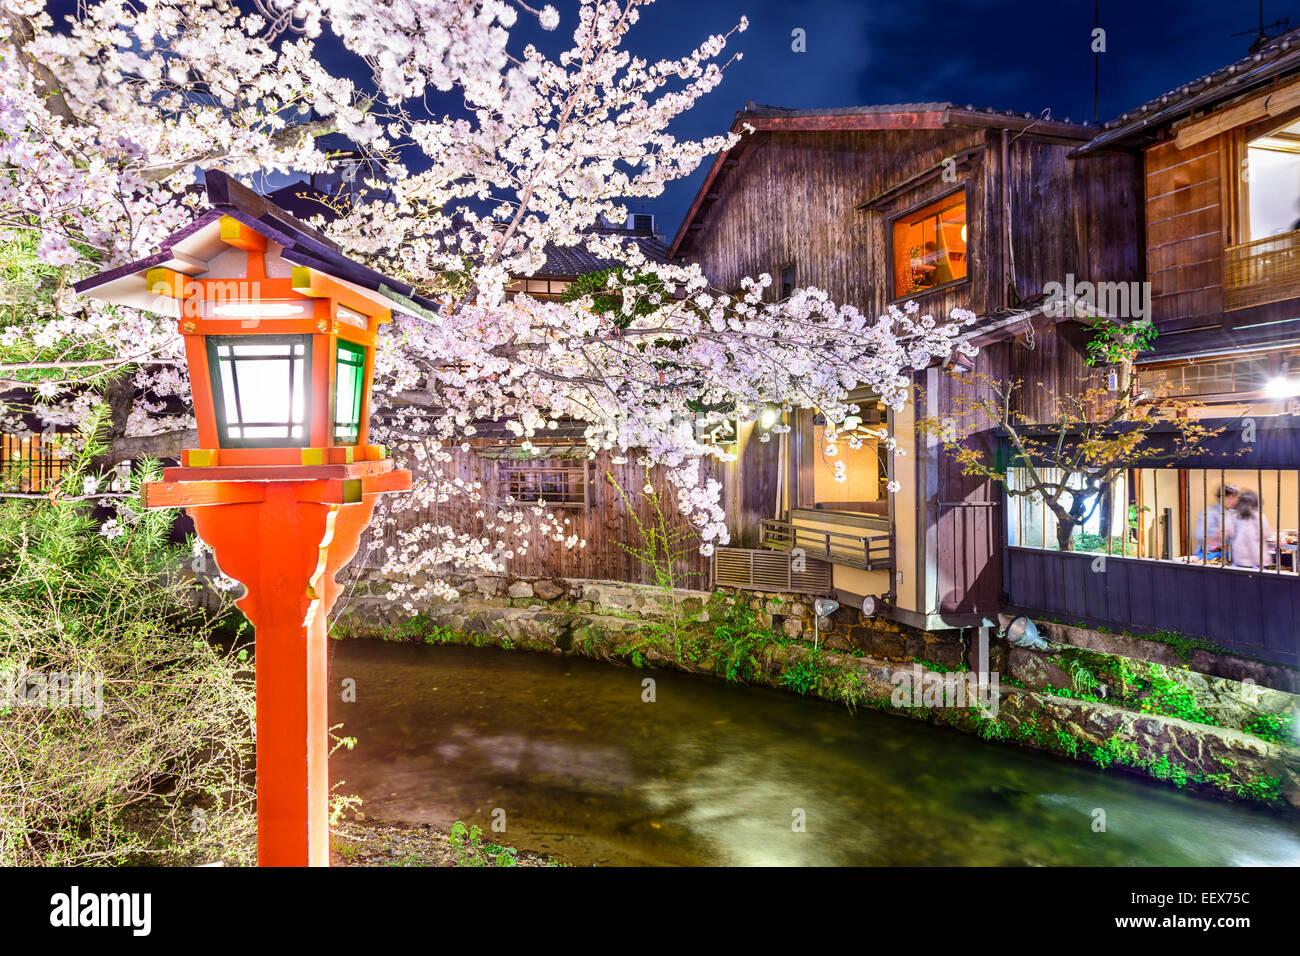 Kyoto, Giappone presso il Fiume Shirakawa nel quartiere di Gion durante la primavera la fioritura dei ciliegi stagione. Immagini Stock